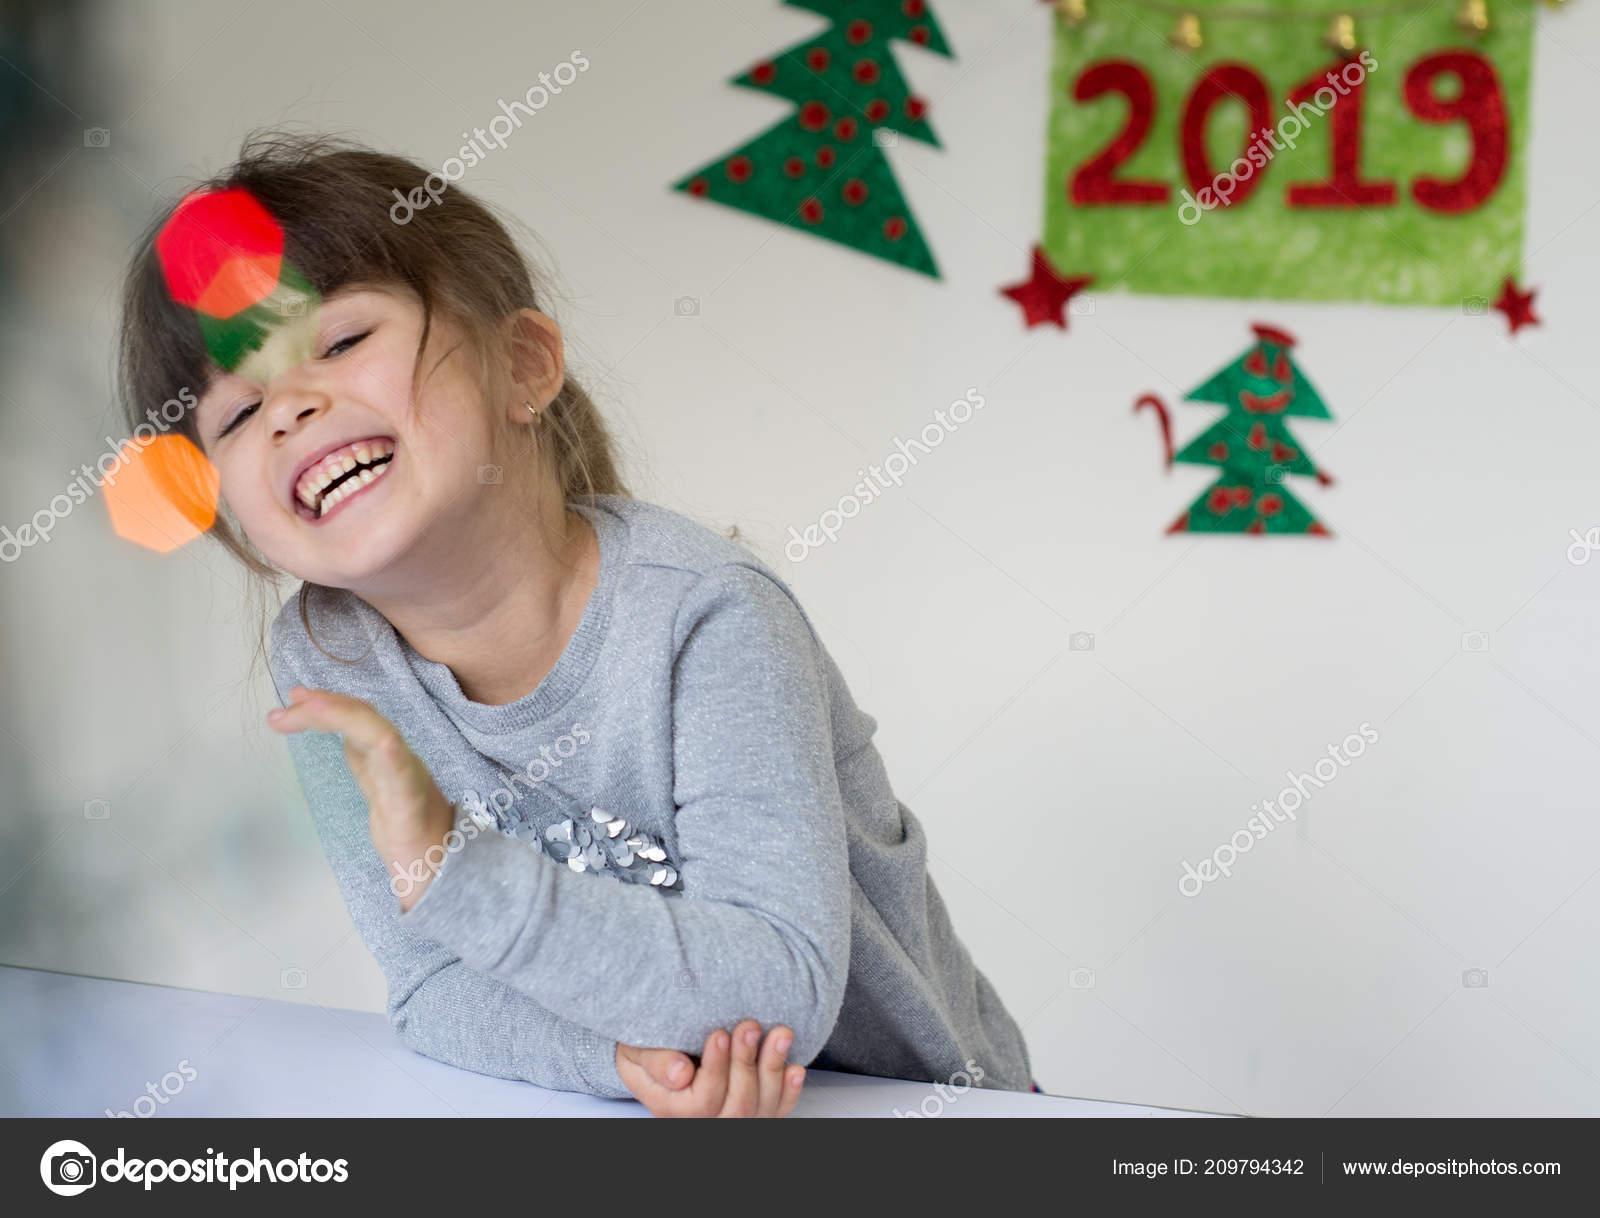 Kerstverlichting Prettige Kerstdagen Gelukkig Nieuwjaar 2019